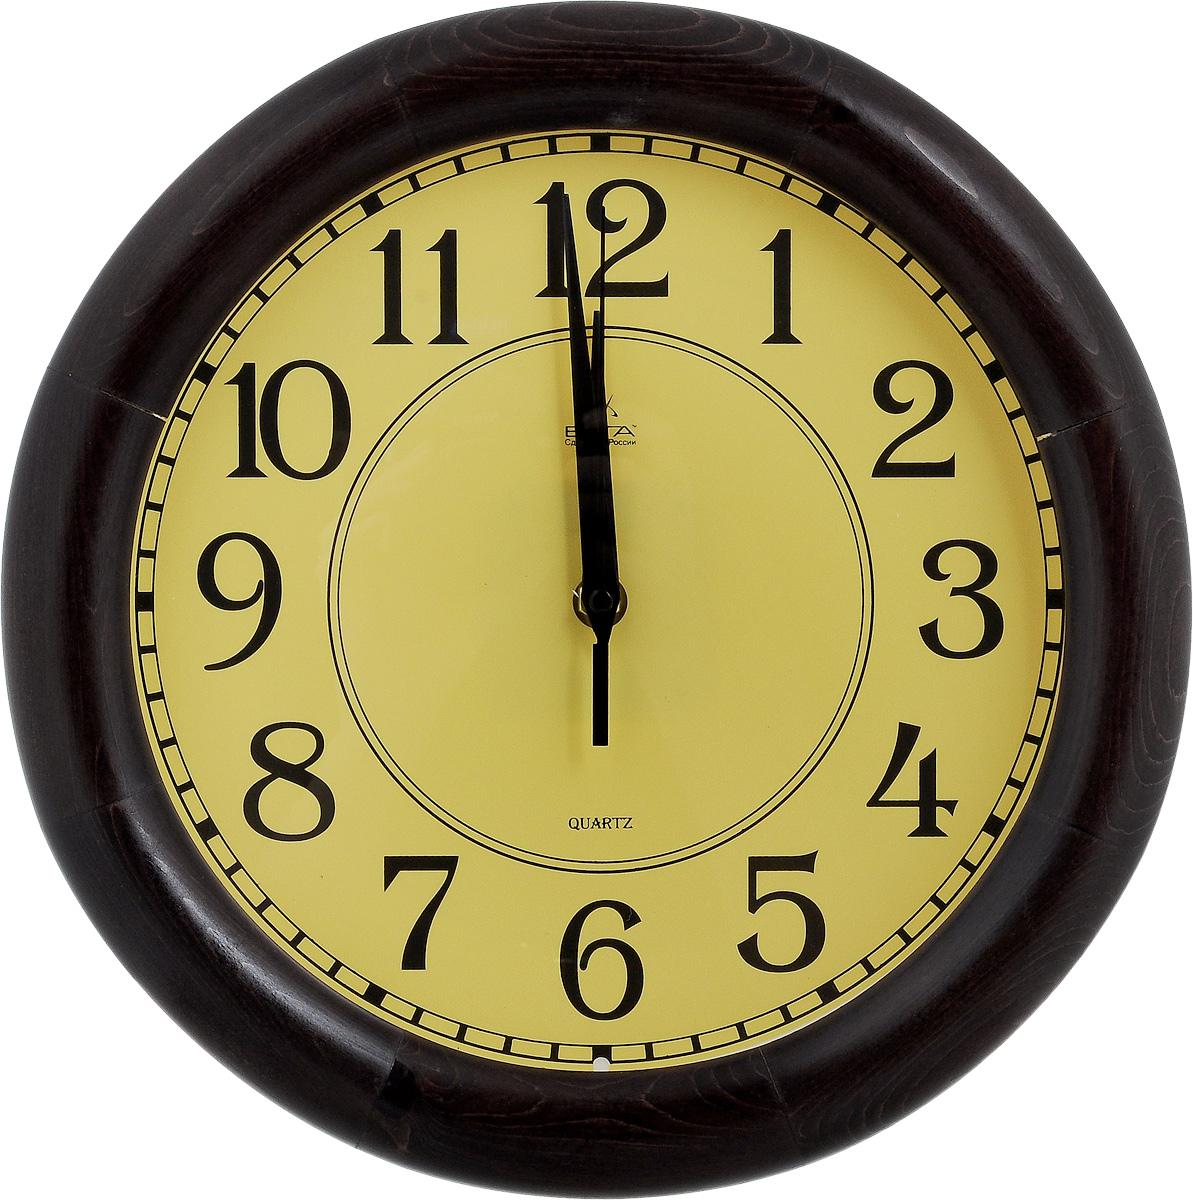 Часы настенные Вега Классика, цвет: темно-коричневый, желтый, диаметр 30 см148126Настенные кварцевые часы Вега Классика, изготовленные из дерева, прекрасно впишутся в интерьер вашего дома. Часы имеют три стрелки: часовую, минутную и секундную, циферблат защищен прозрачным стеклом. Часы работают от 1 батарейки типа АА напряжением 1,5 В (не входит в комплект).Диаметр часов: 30 см.